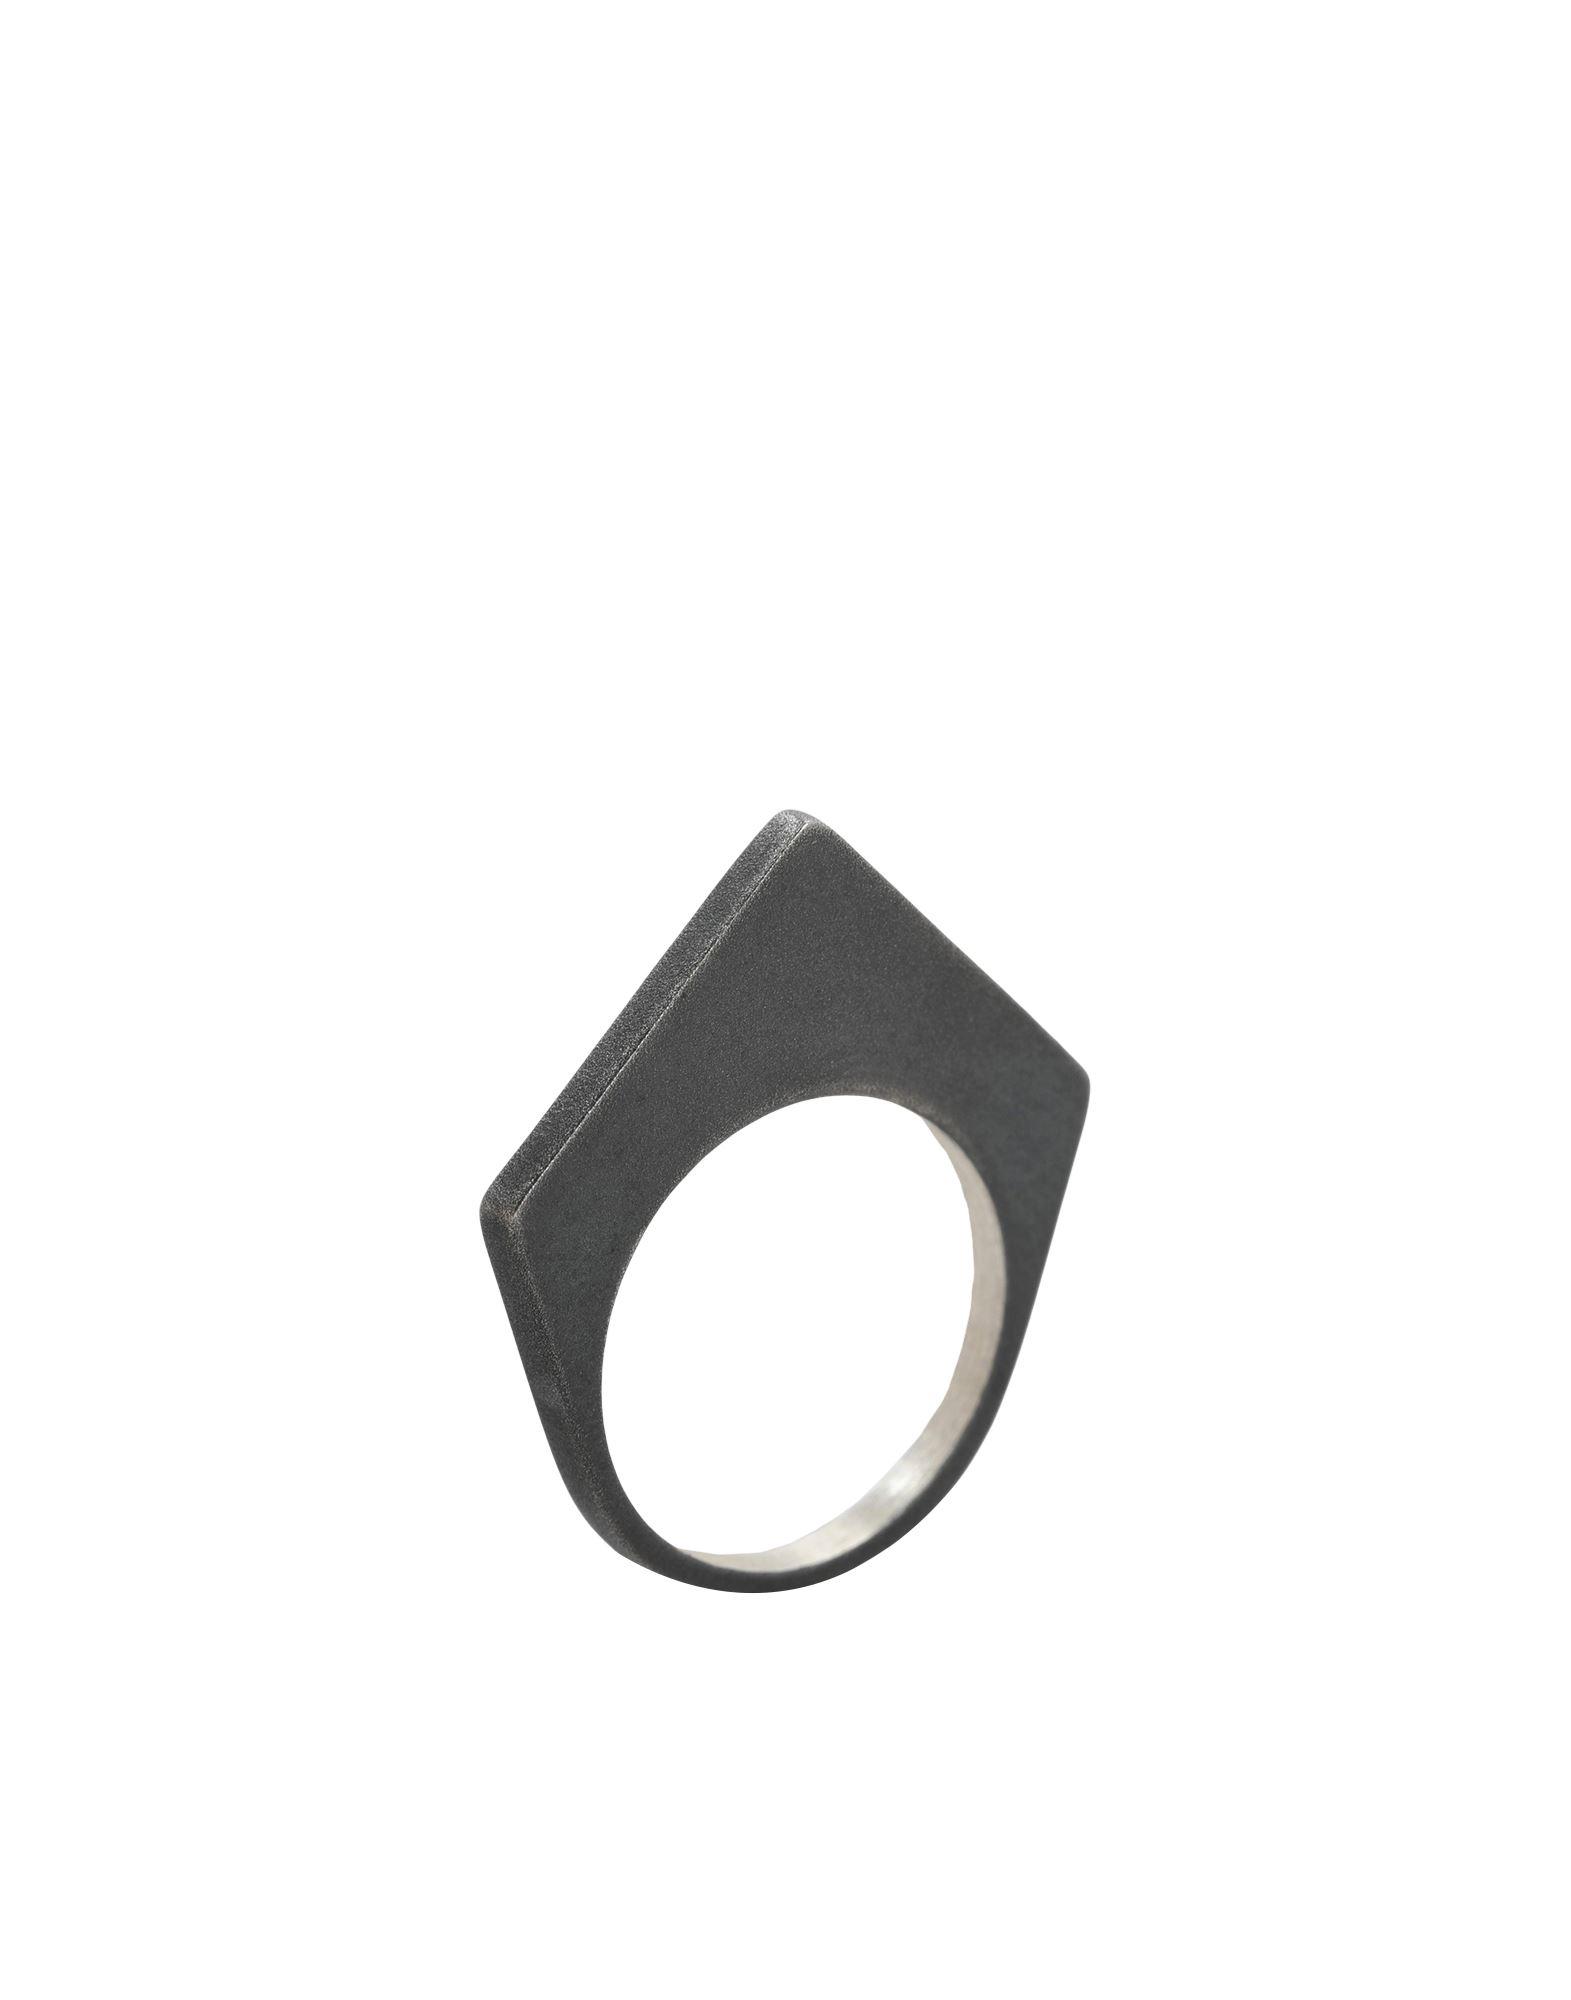 《セール開催中》NOVE25 レディース 指輪 鉛色 10 シルバー925/1000 TREE POINT RING